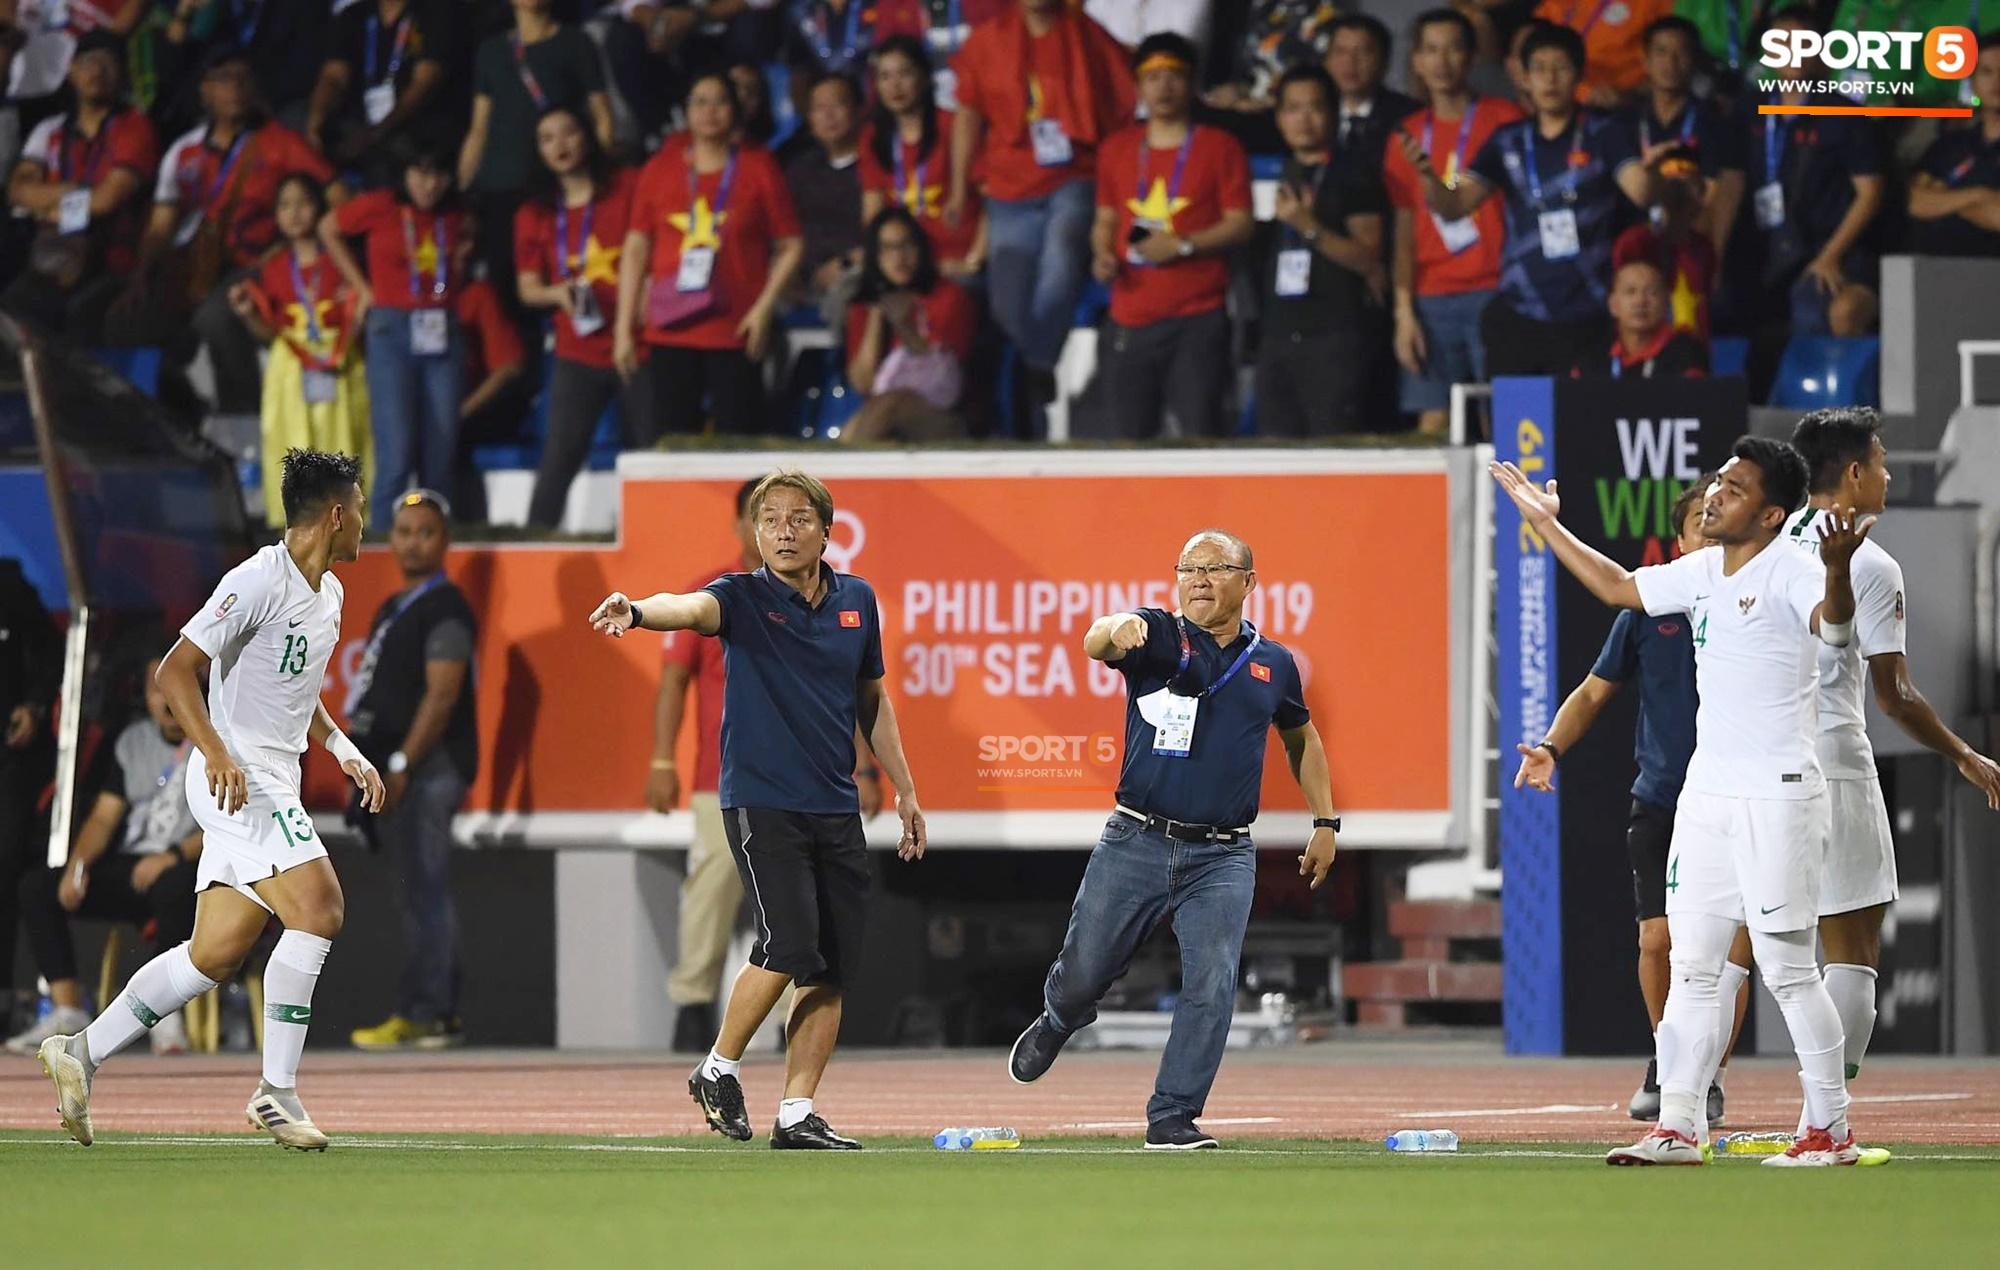 Học trò bị phạm lỗi nguy hiểm, HLV Park Hang Seo lao ra phản ứng rất gay gắt với trọng tài 4